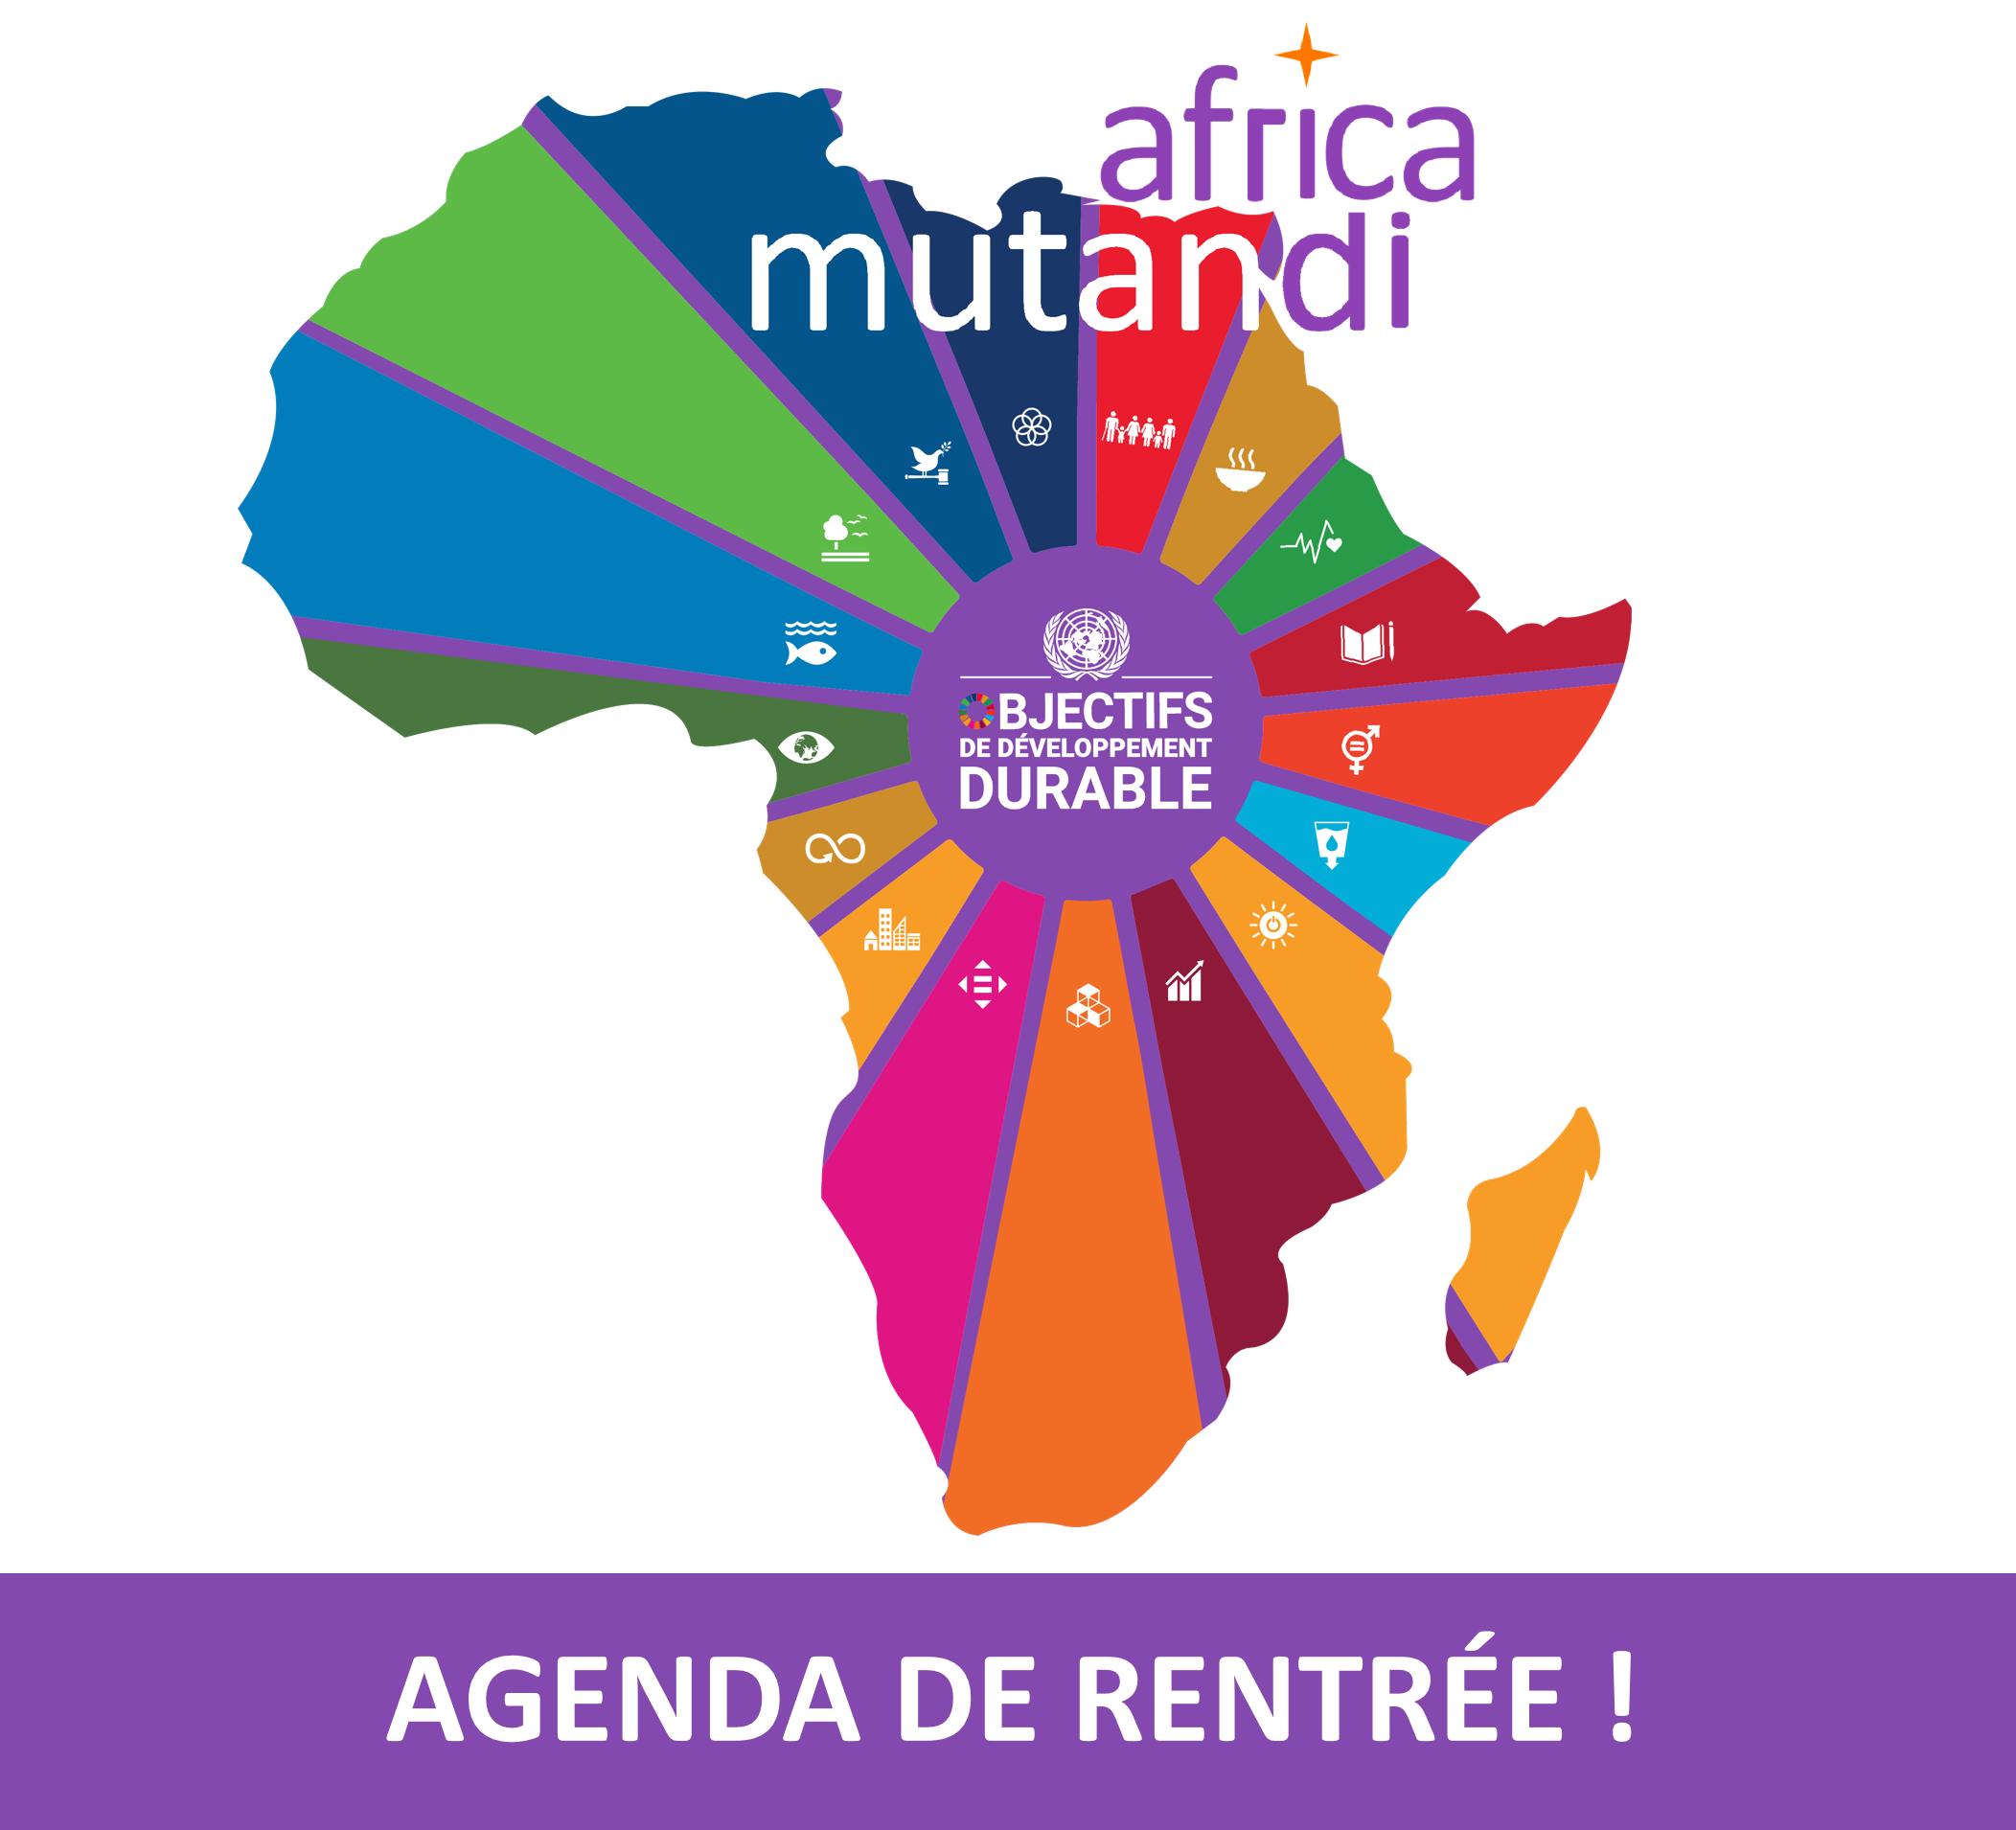 L'agenda de rentrée d'Africa Mutandi !